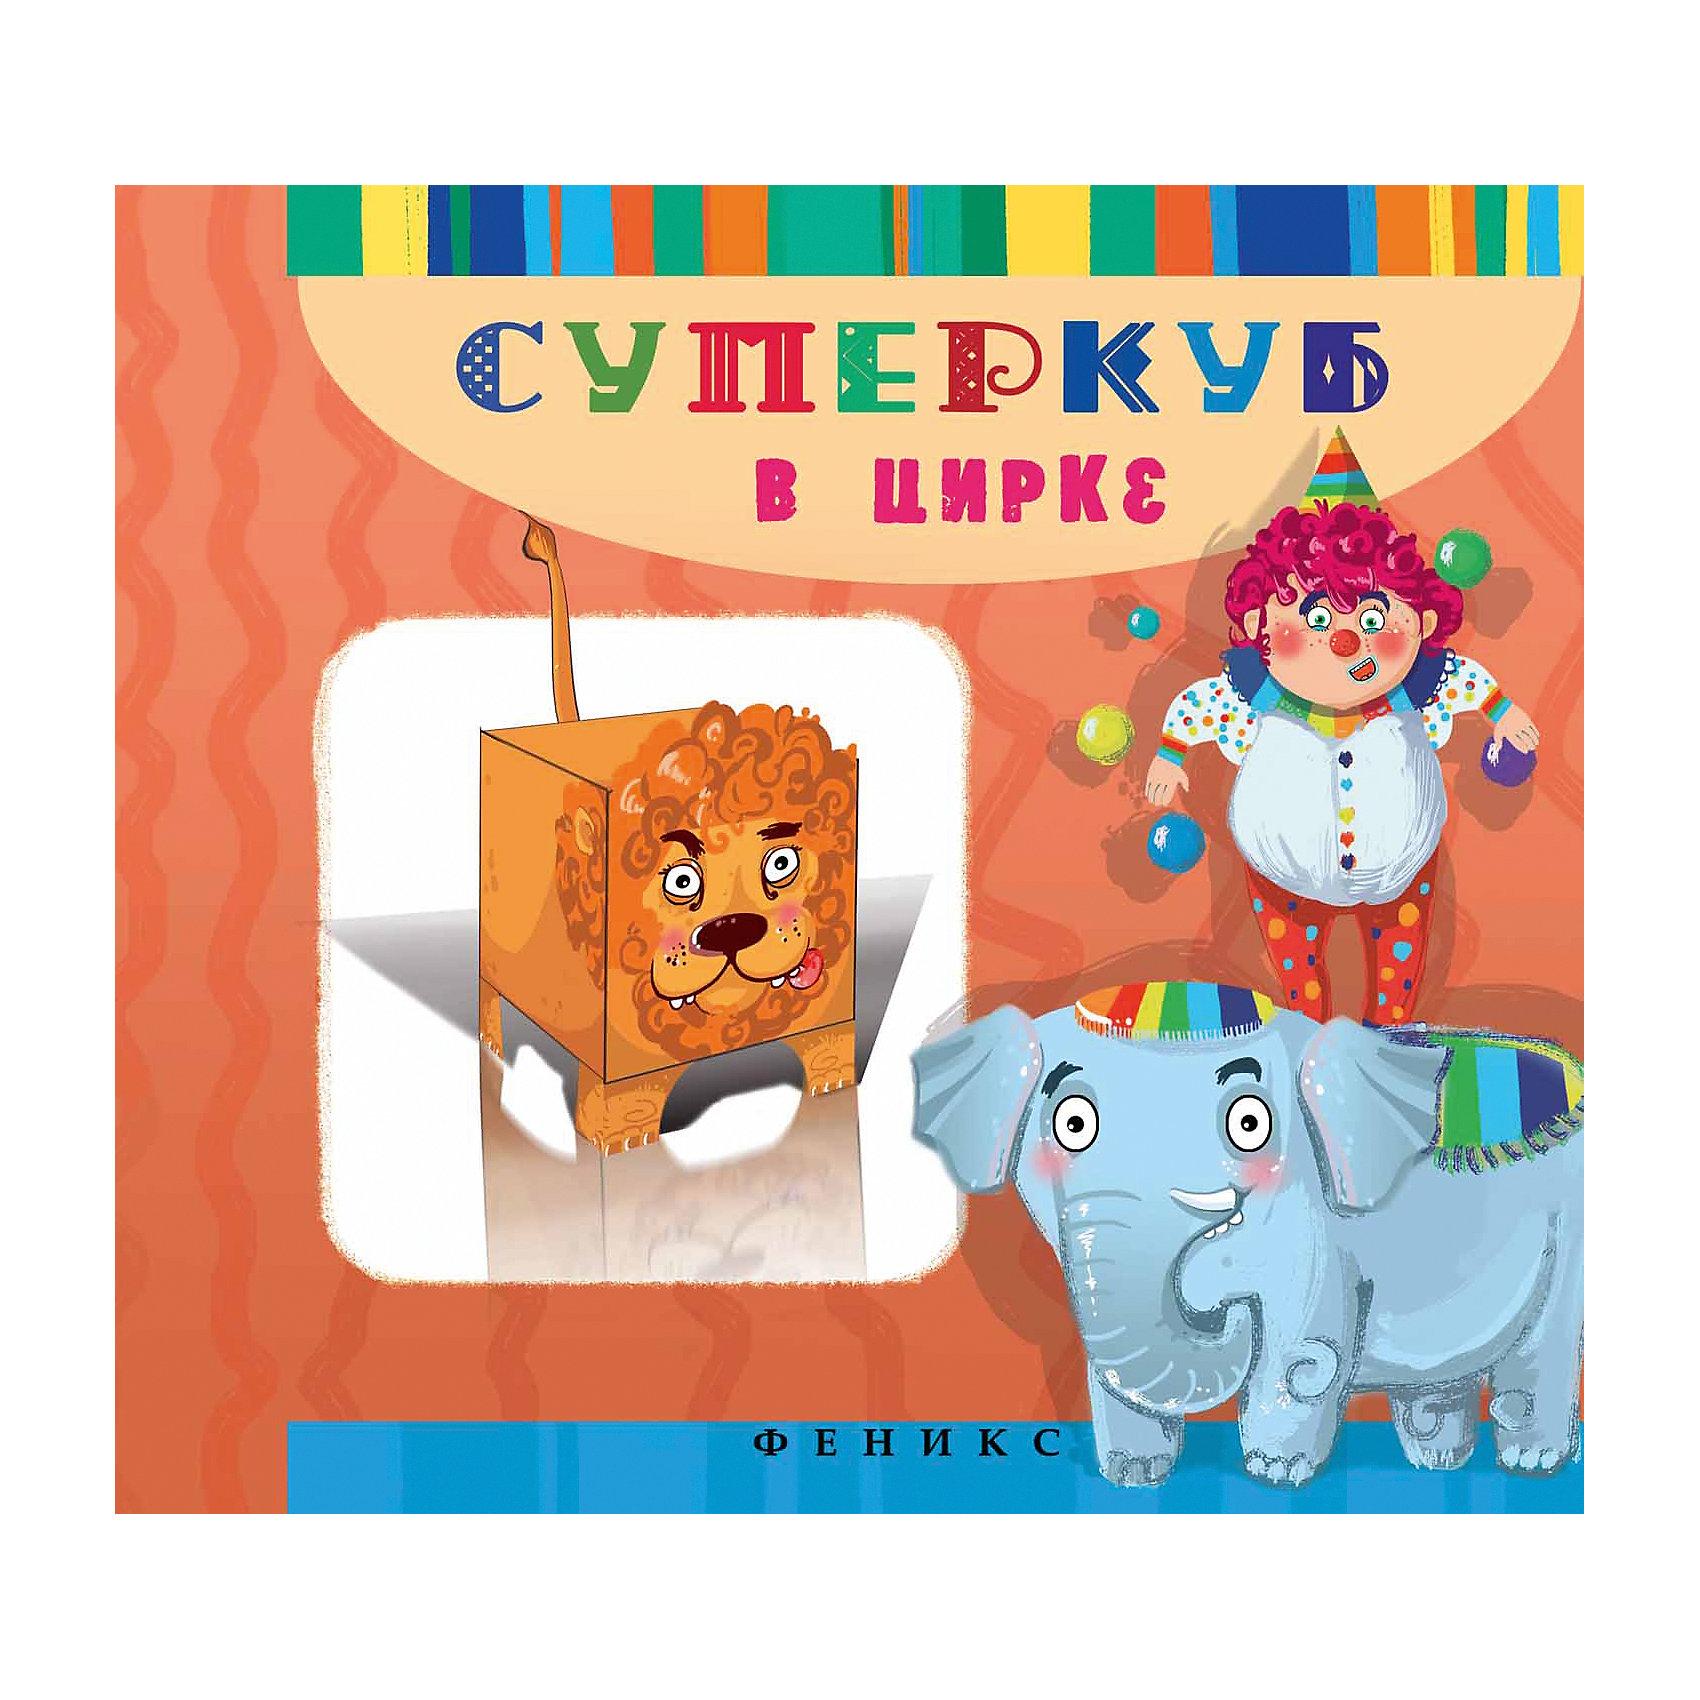 Суперкуб в циркеРукоделие<br>Книжка с наклейками Суперкуб в цирке<br><br>Характеристики: <br><br>• Кол-во страниц: 11<br>• ISBN: 9785222248706<br>• Возраст: 6+<br>• Обложка: мягкая<br>• Формат: а4<br><br>Пользуясь этой книгой, ребенок сможет собрать несколько ярких игрушек из серии Суперкуб. Для склейки игрушек необходимы ножницы и клей, а все остальное содержится прямо на страницах этой книги. Работа с такой книгой поможет развить ребенку мелкую моторику, внимательность, а родителям обеспечит несколько часов тишины и покоя.<br><br>Книжка с наклейками Суперкуб в цирке можно купить в нашем интернет-магазине.<br><br>Ширина мм: 214<br>Глубина мм: 215<br>Высота мм: 20<br>Вес г: 58<br>Возраст от месяцев: 72<br>Возраст до месяцев: 2147483647<br>Пол: Унисекс<br>Возраст: Детский<br>SKU: 5464573